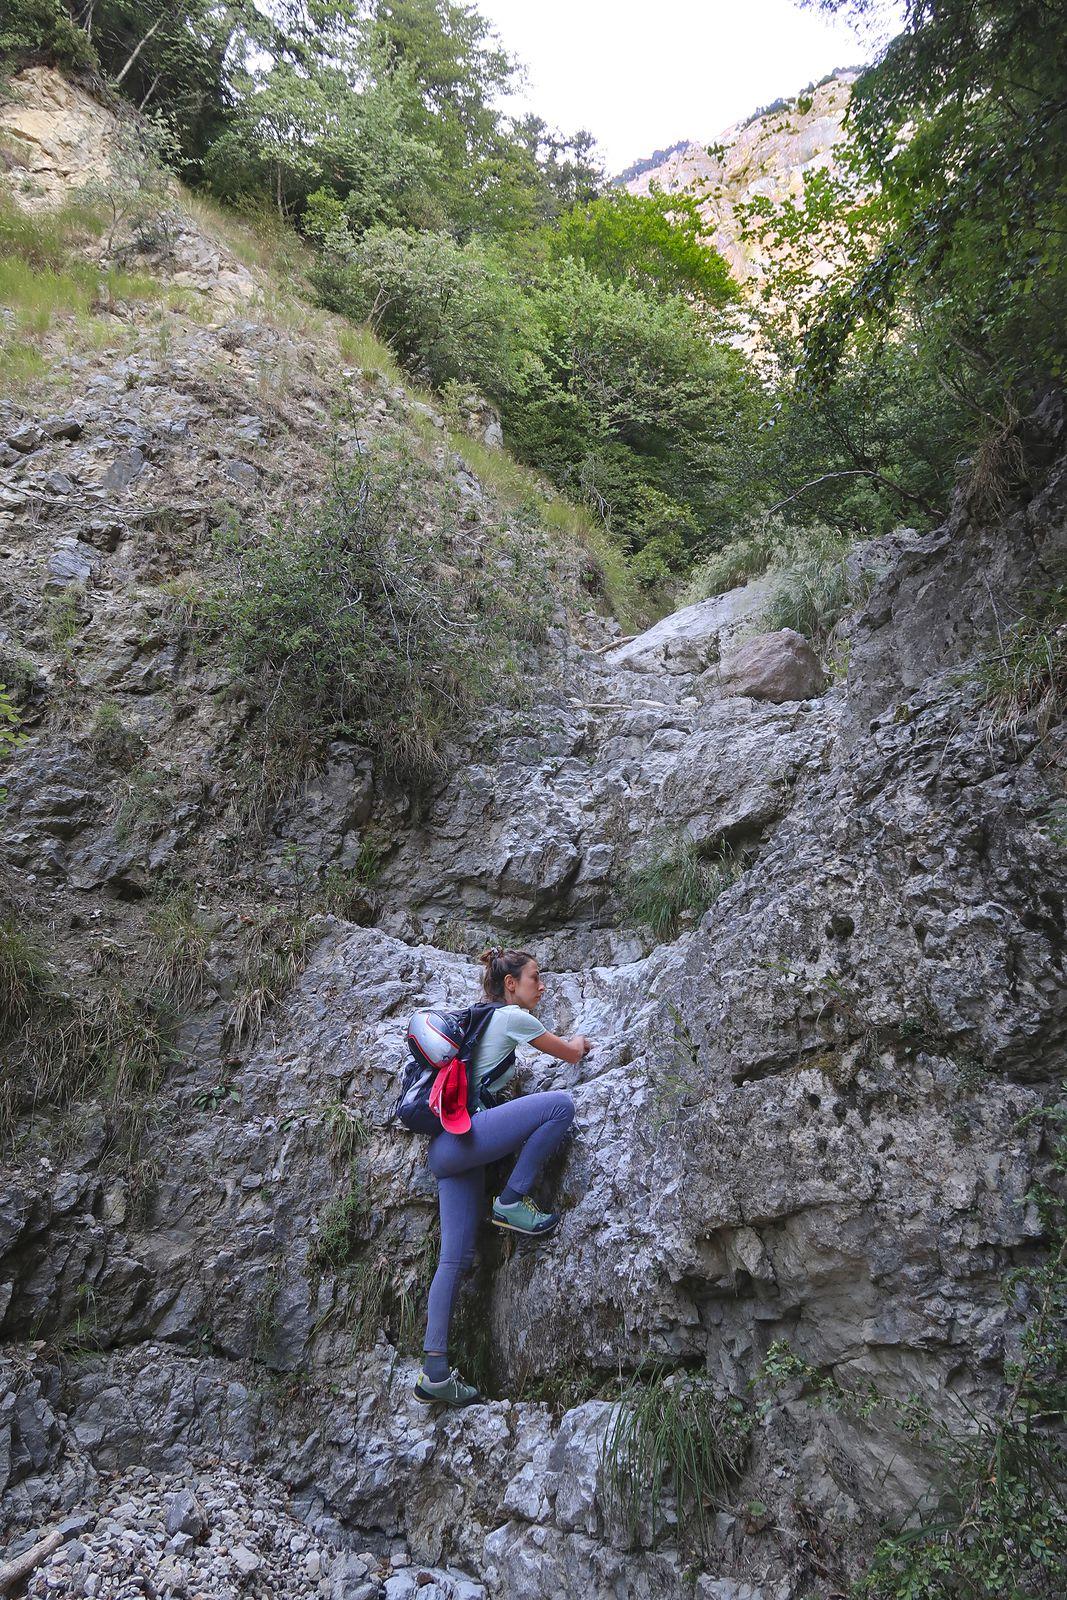 L'ascension de la Grande Cheneau débute par plus de 200 mètres bien raides dans un canyon entrecoupé de blocs et de murs, où il faut souvent mettre les mains.